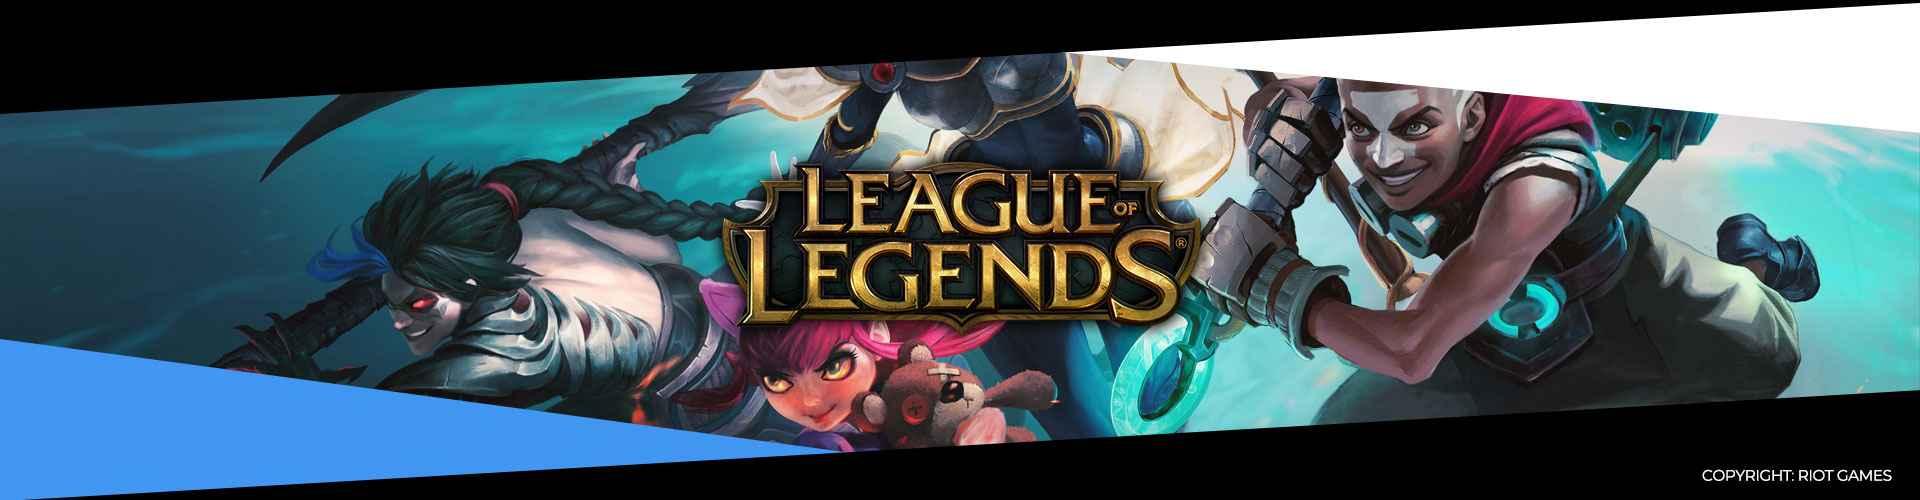 League of Legends talvitauko on miljonäärien leikkikenttä ja mahdollisuus uusille tulokkaille